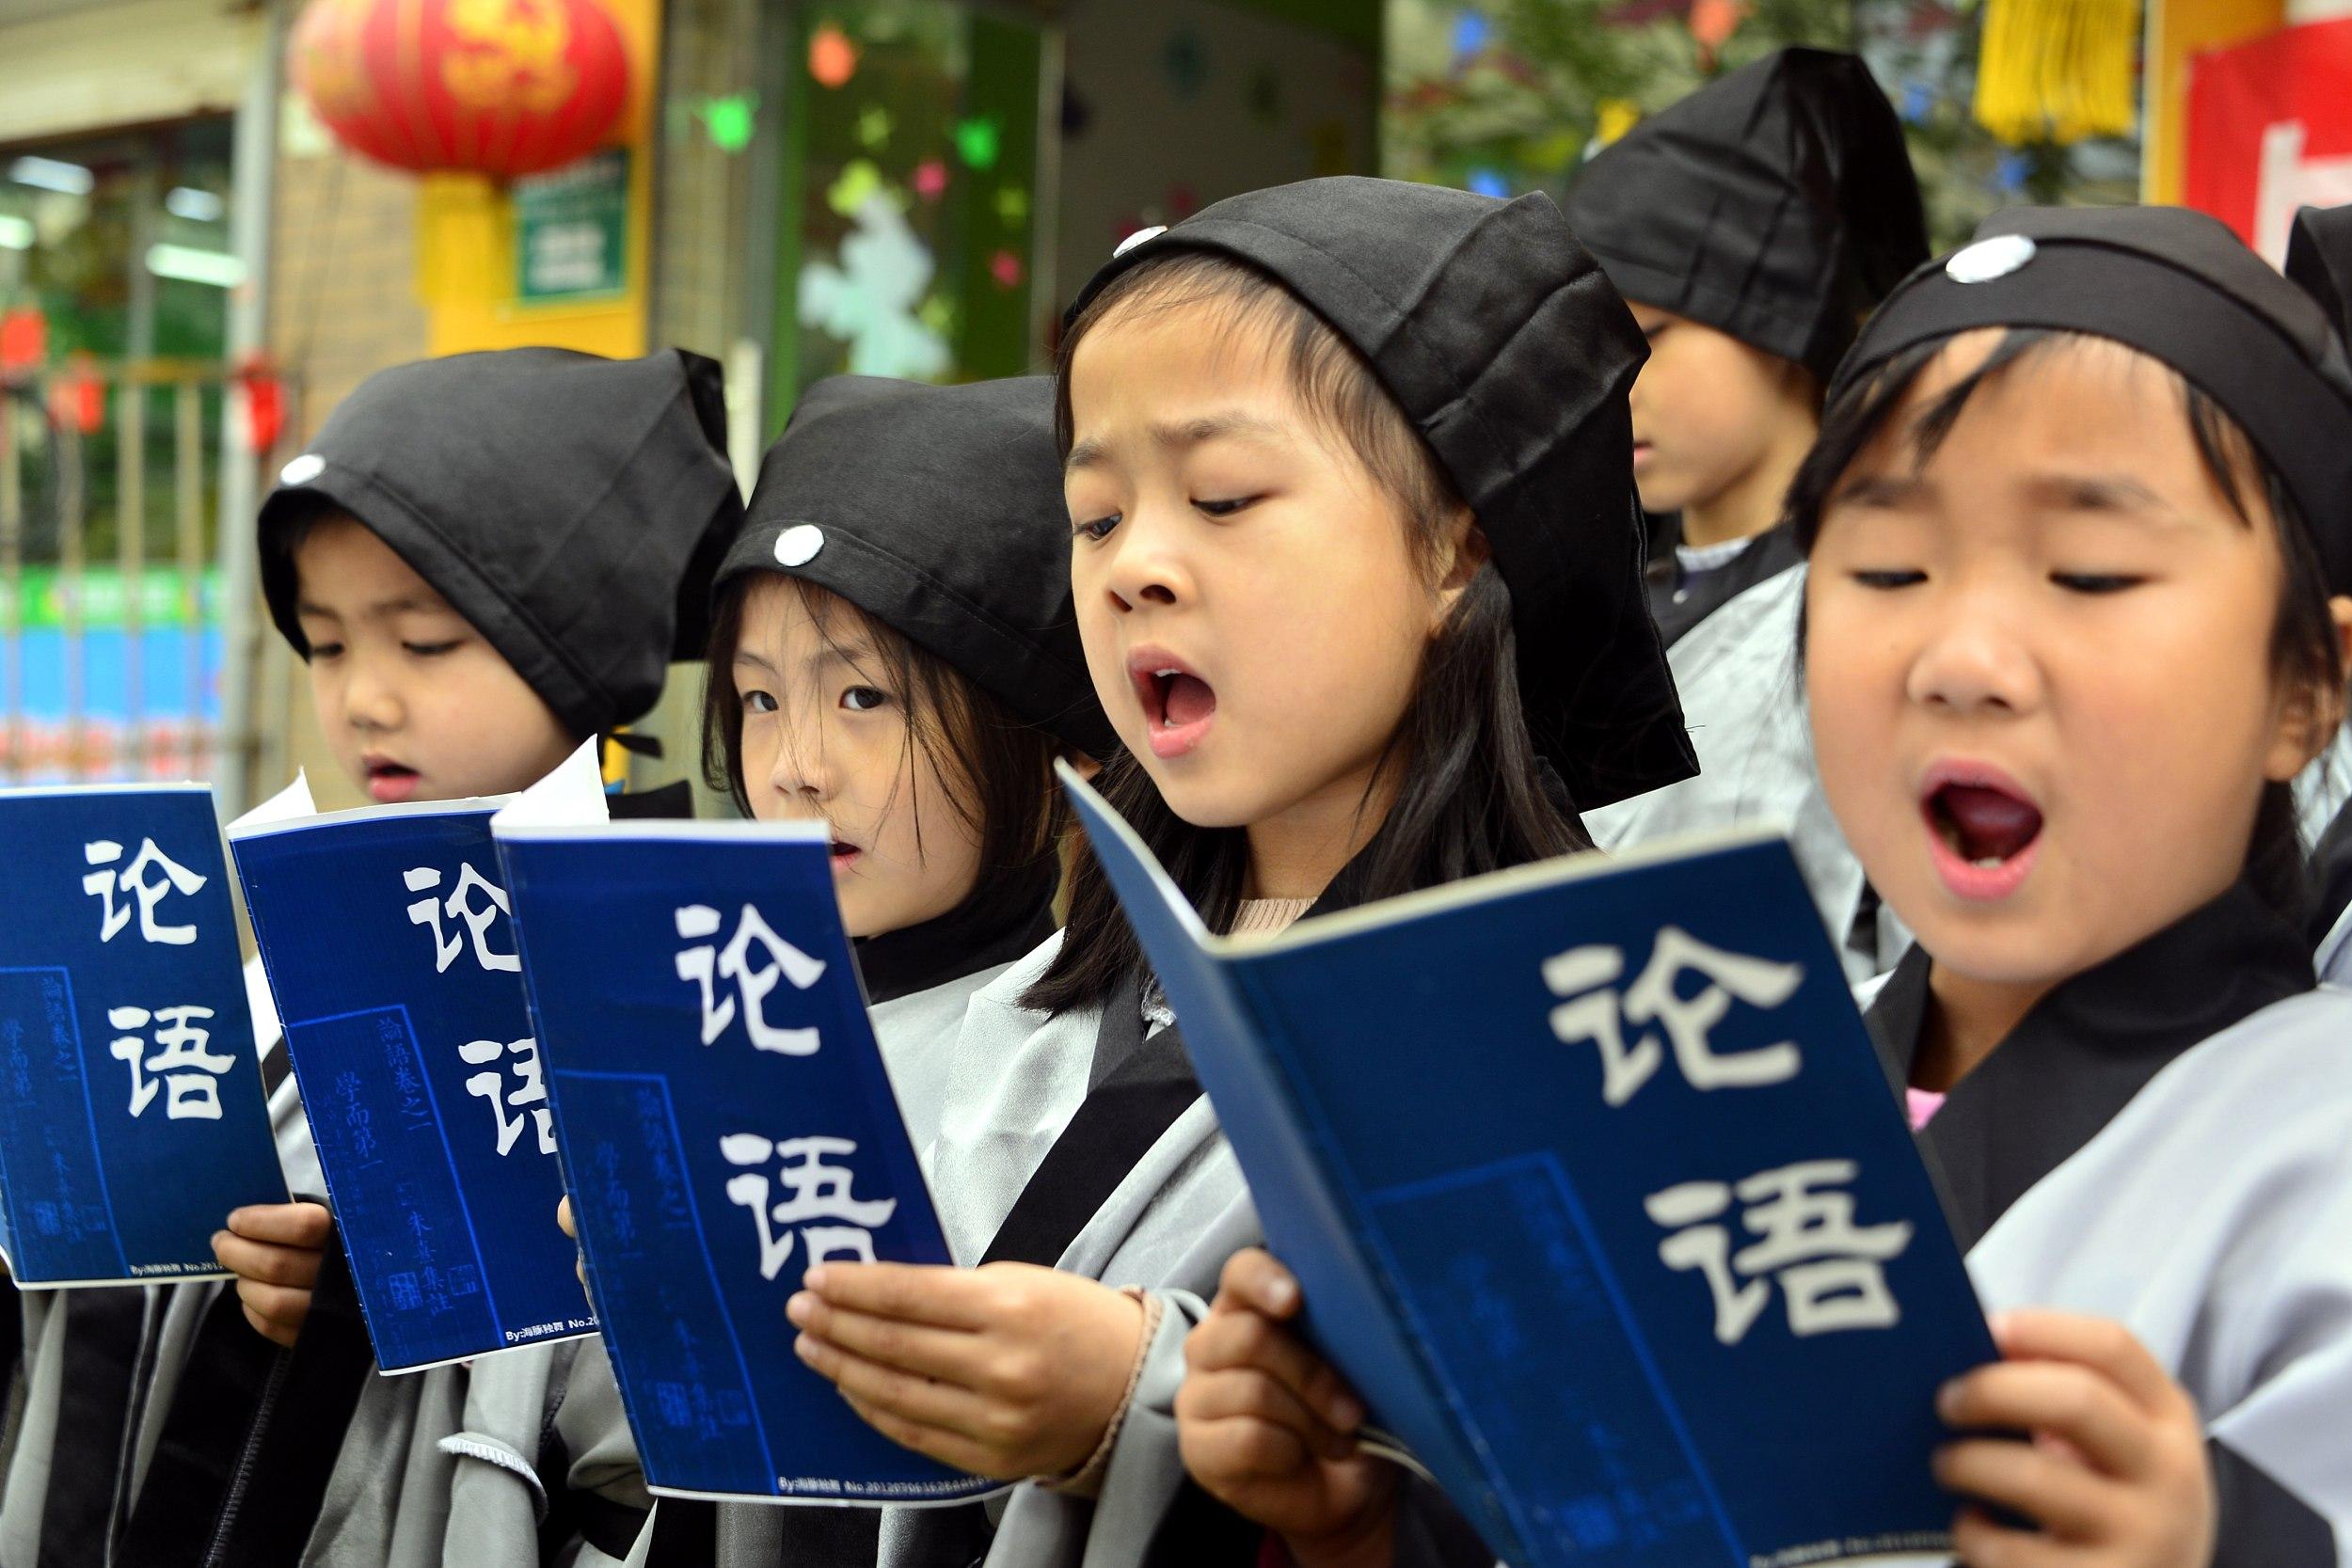 """《典籍里的中国》""""出圈""""何尝不是优秀传统文化的现代打开方式丨闪电评论"""